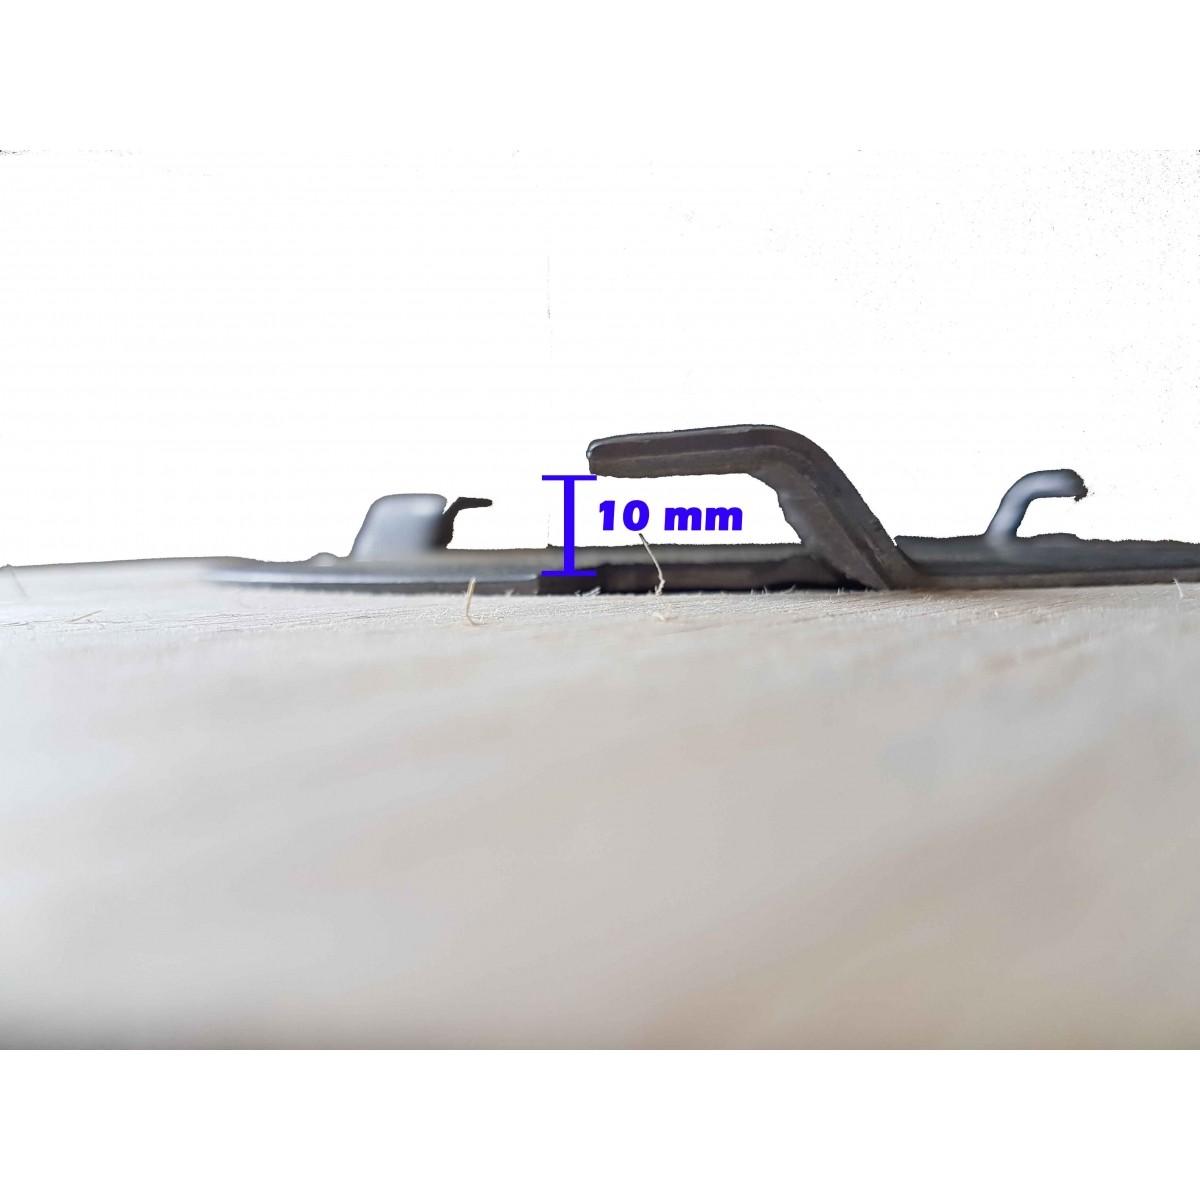 FLANGE PARA Escova Para Enceradeiras Cleaner, Alclean, Bandeirantes Entre Outras Para 410 a 510 mm